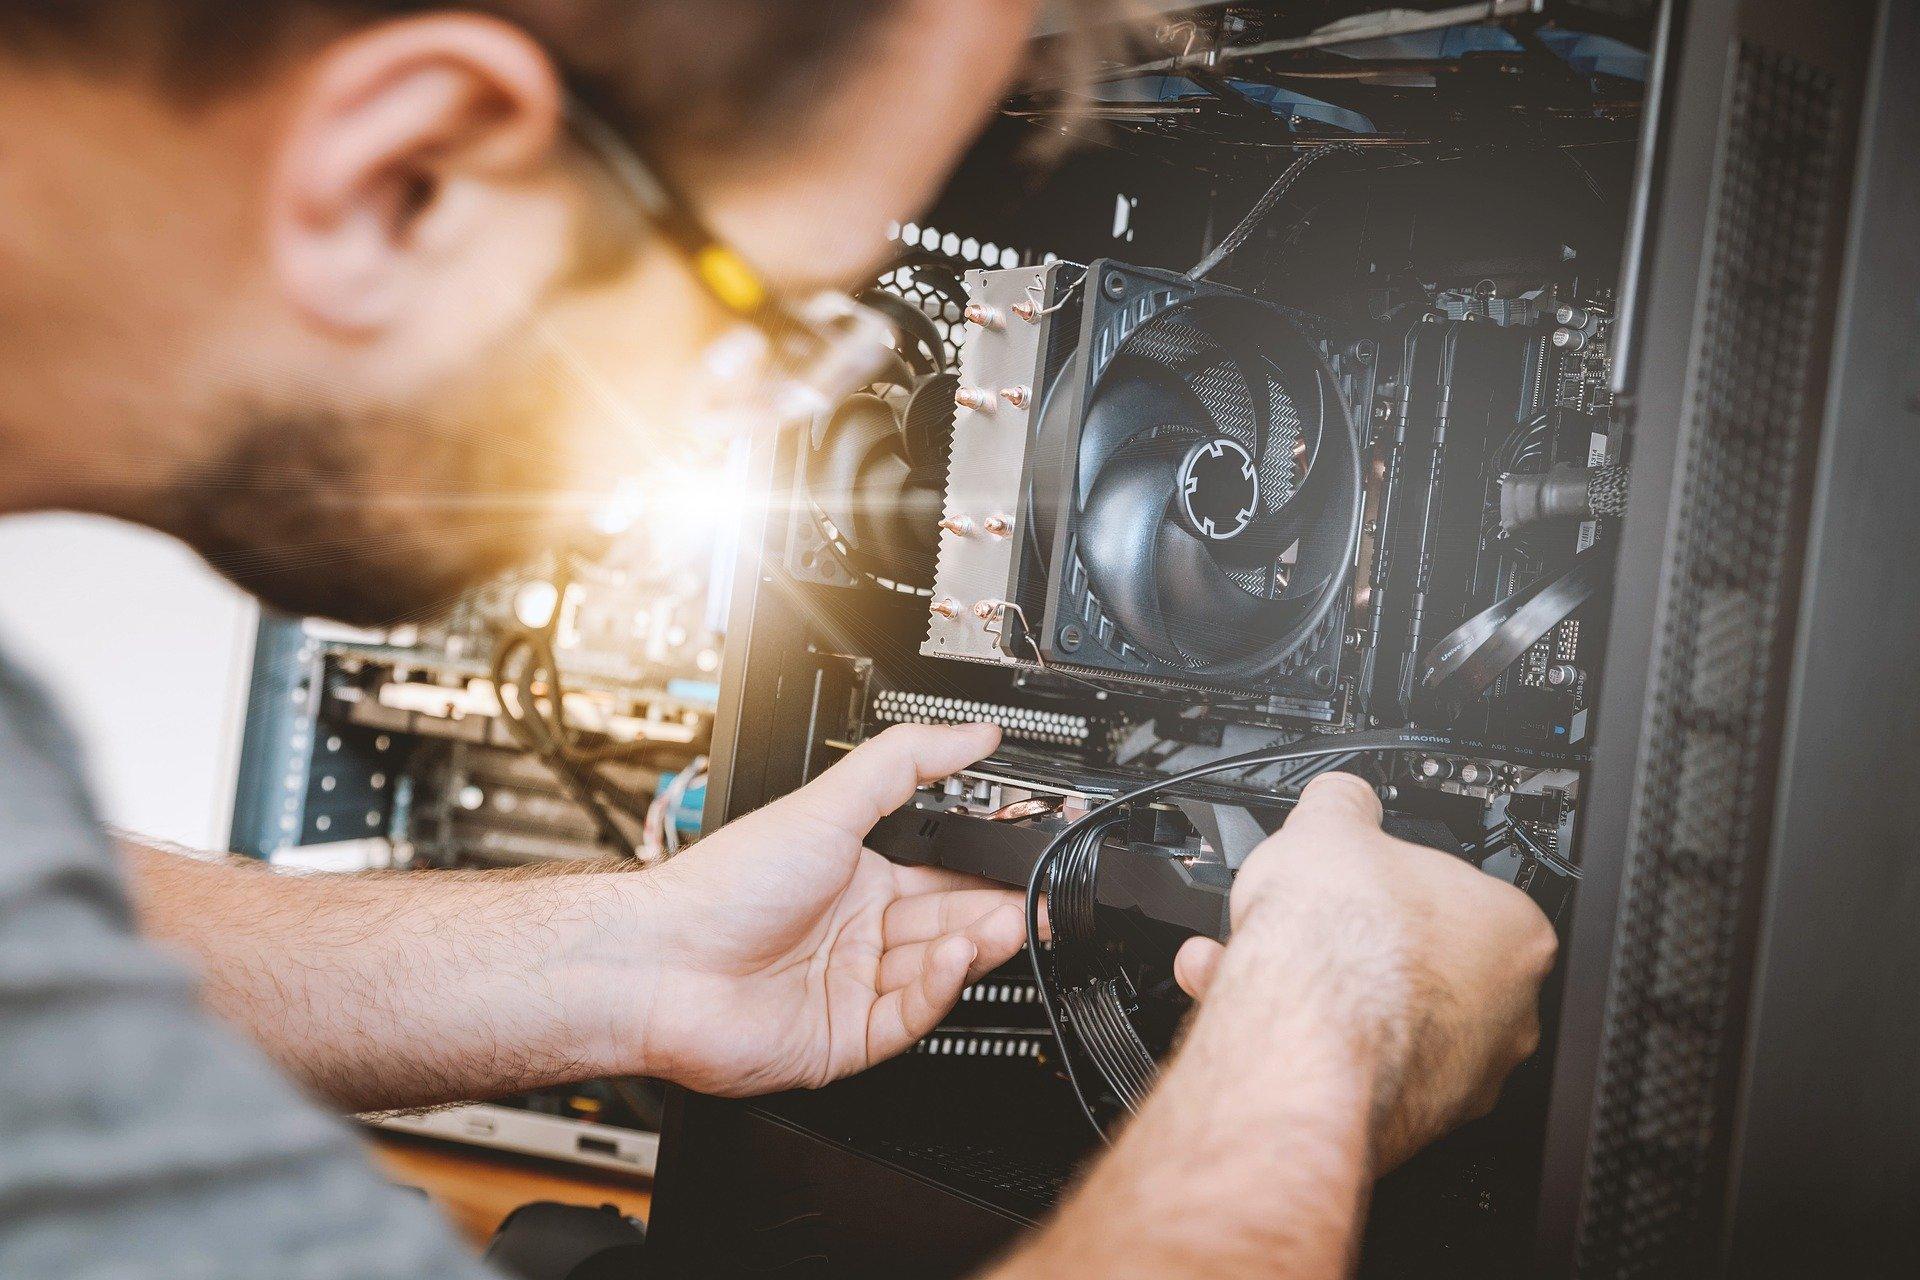 Imagem de um homem trocando os componentes de um computador.